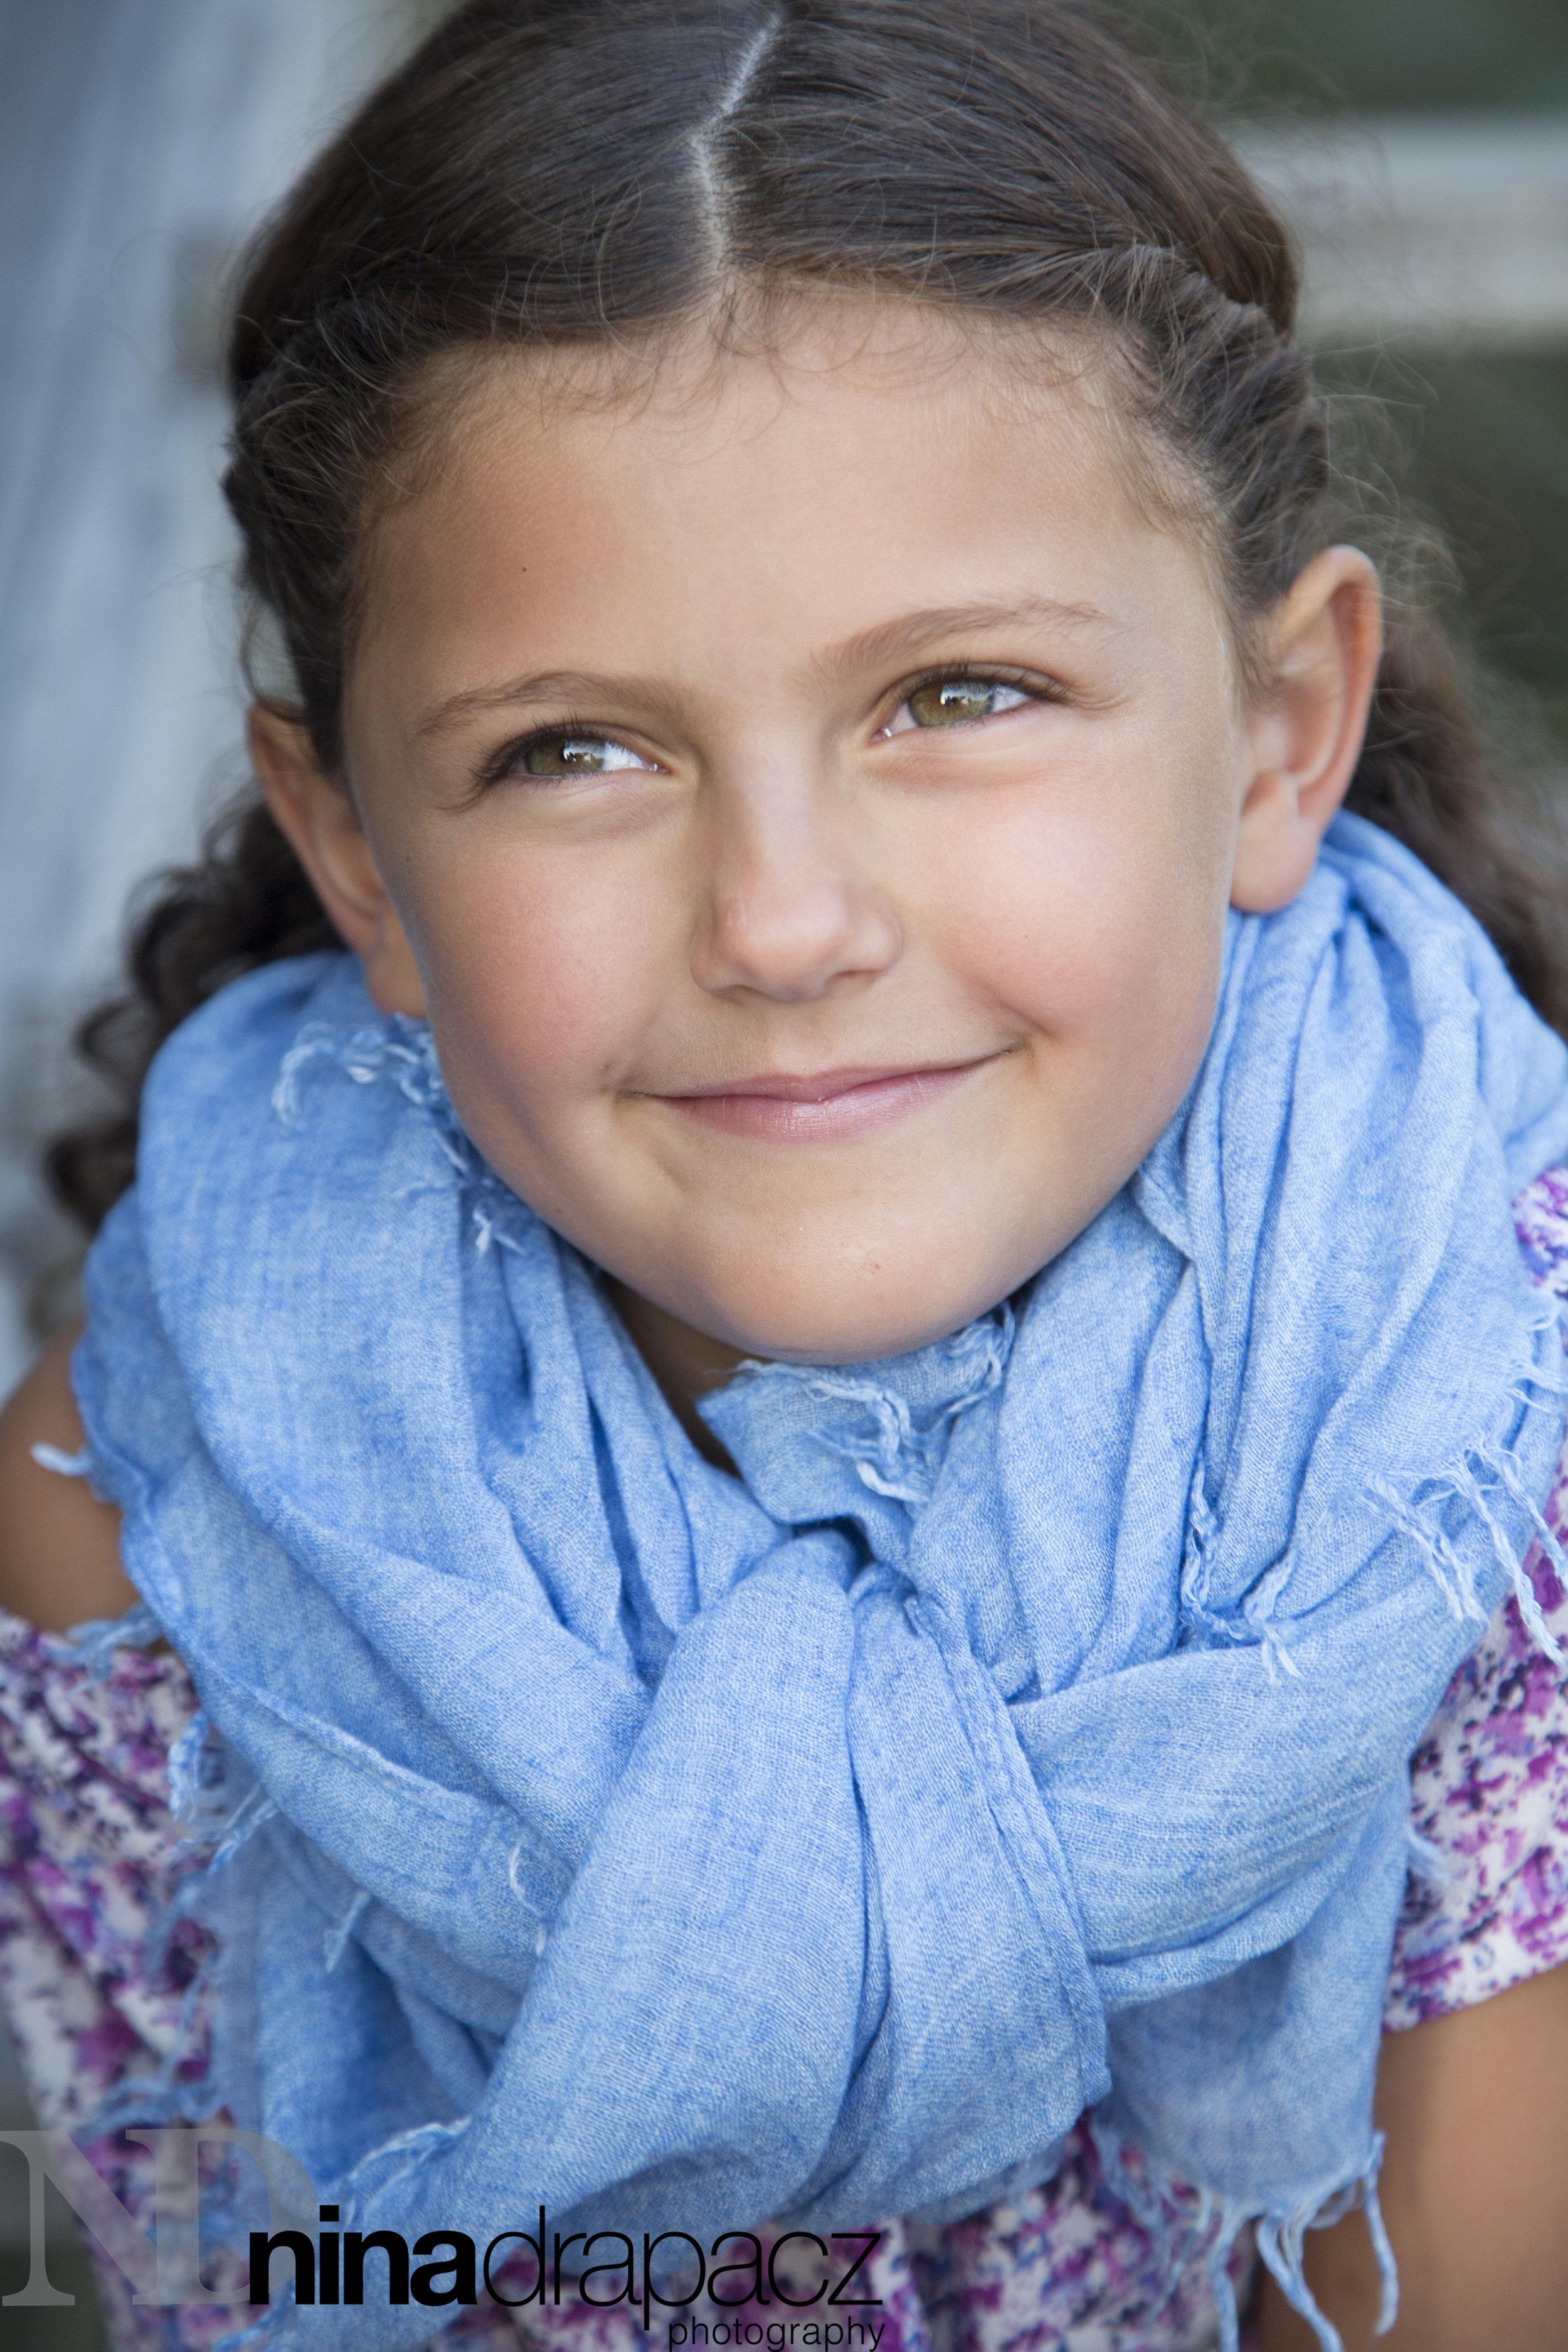 childphoto22.jpg